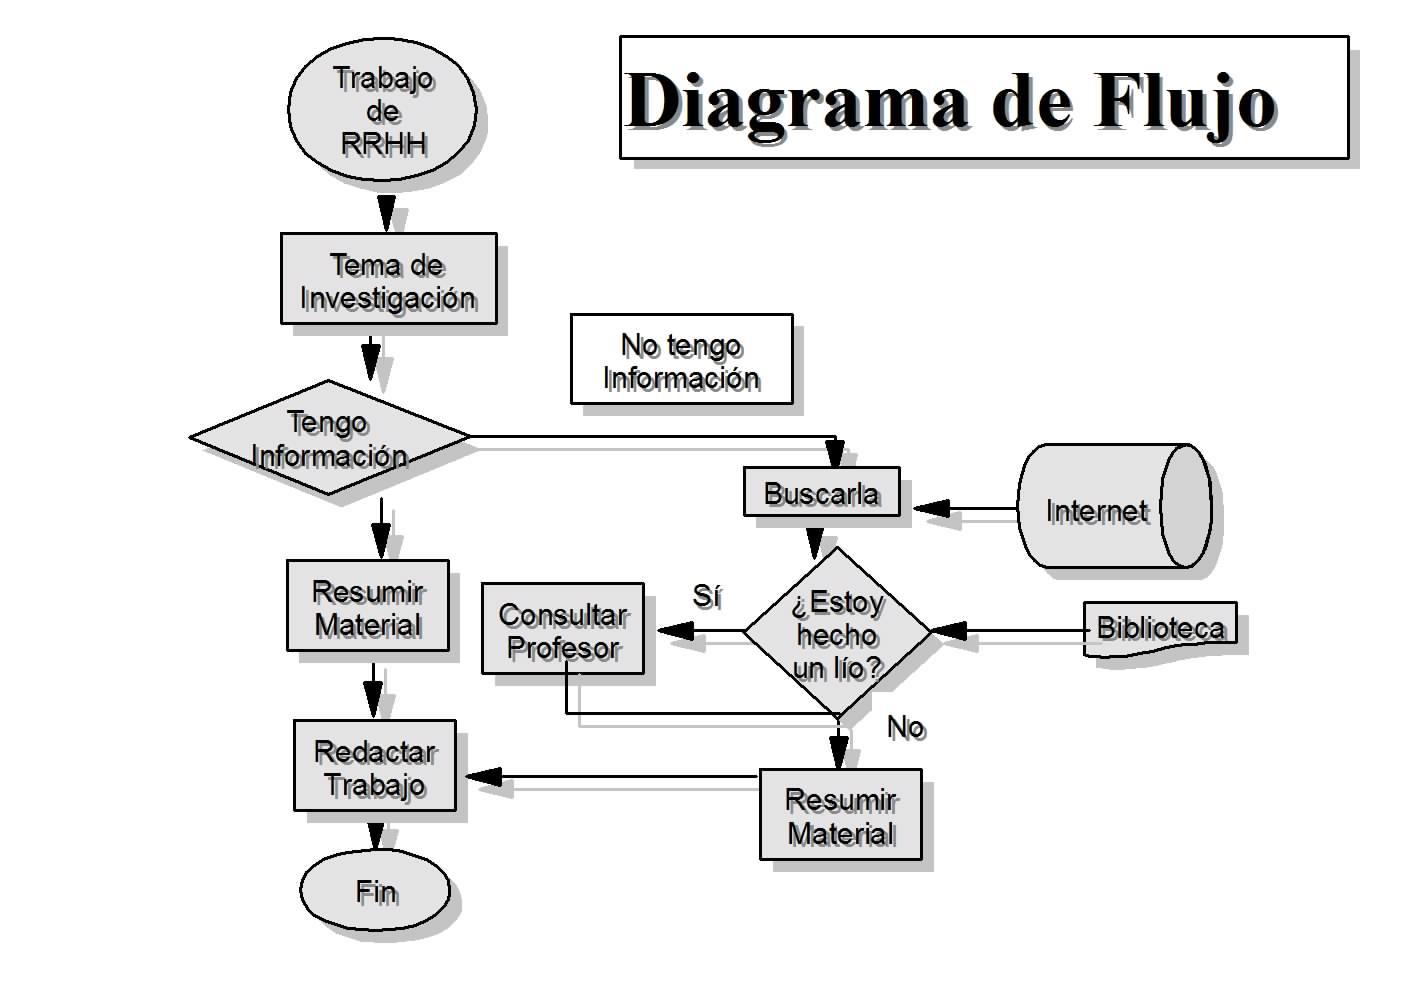 Pasos de un ejemplo de diagrama de flujo ejemplos de pasos de un ejemplo de diagrama de flujo ccuart Gallery